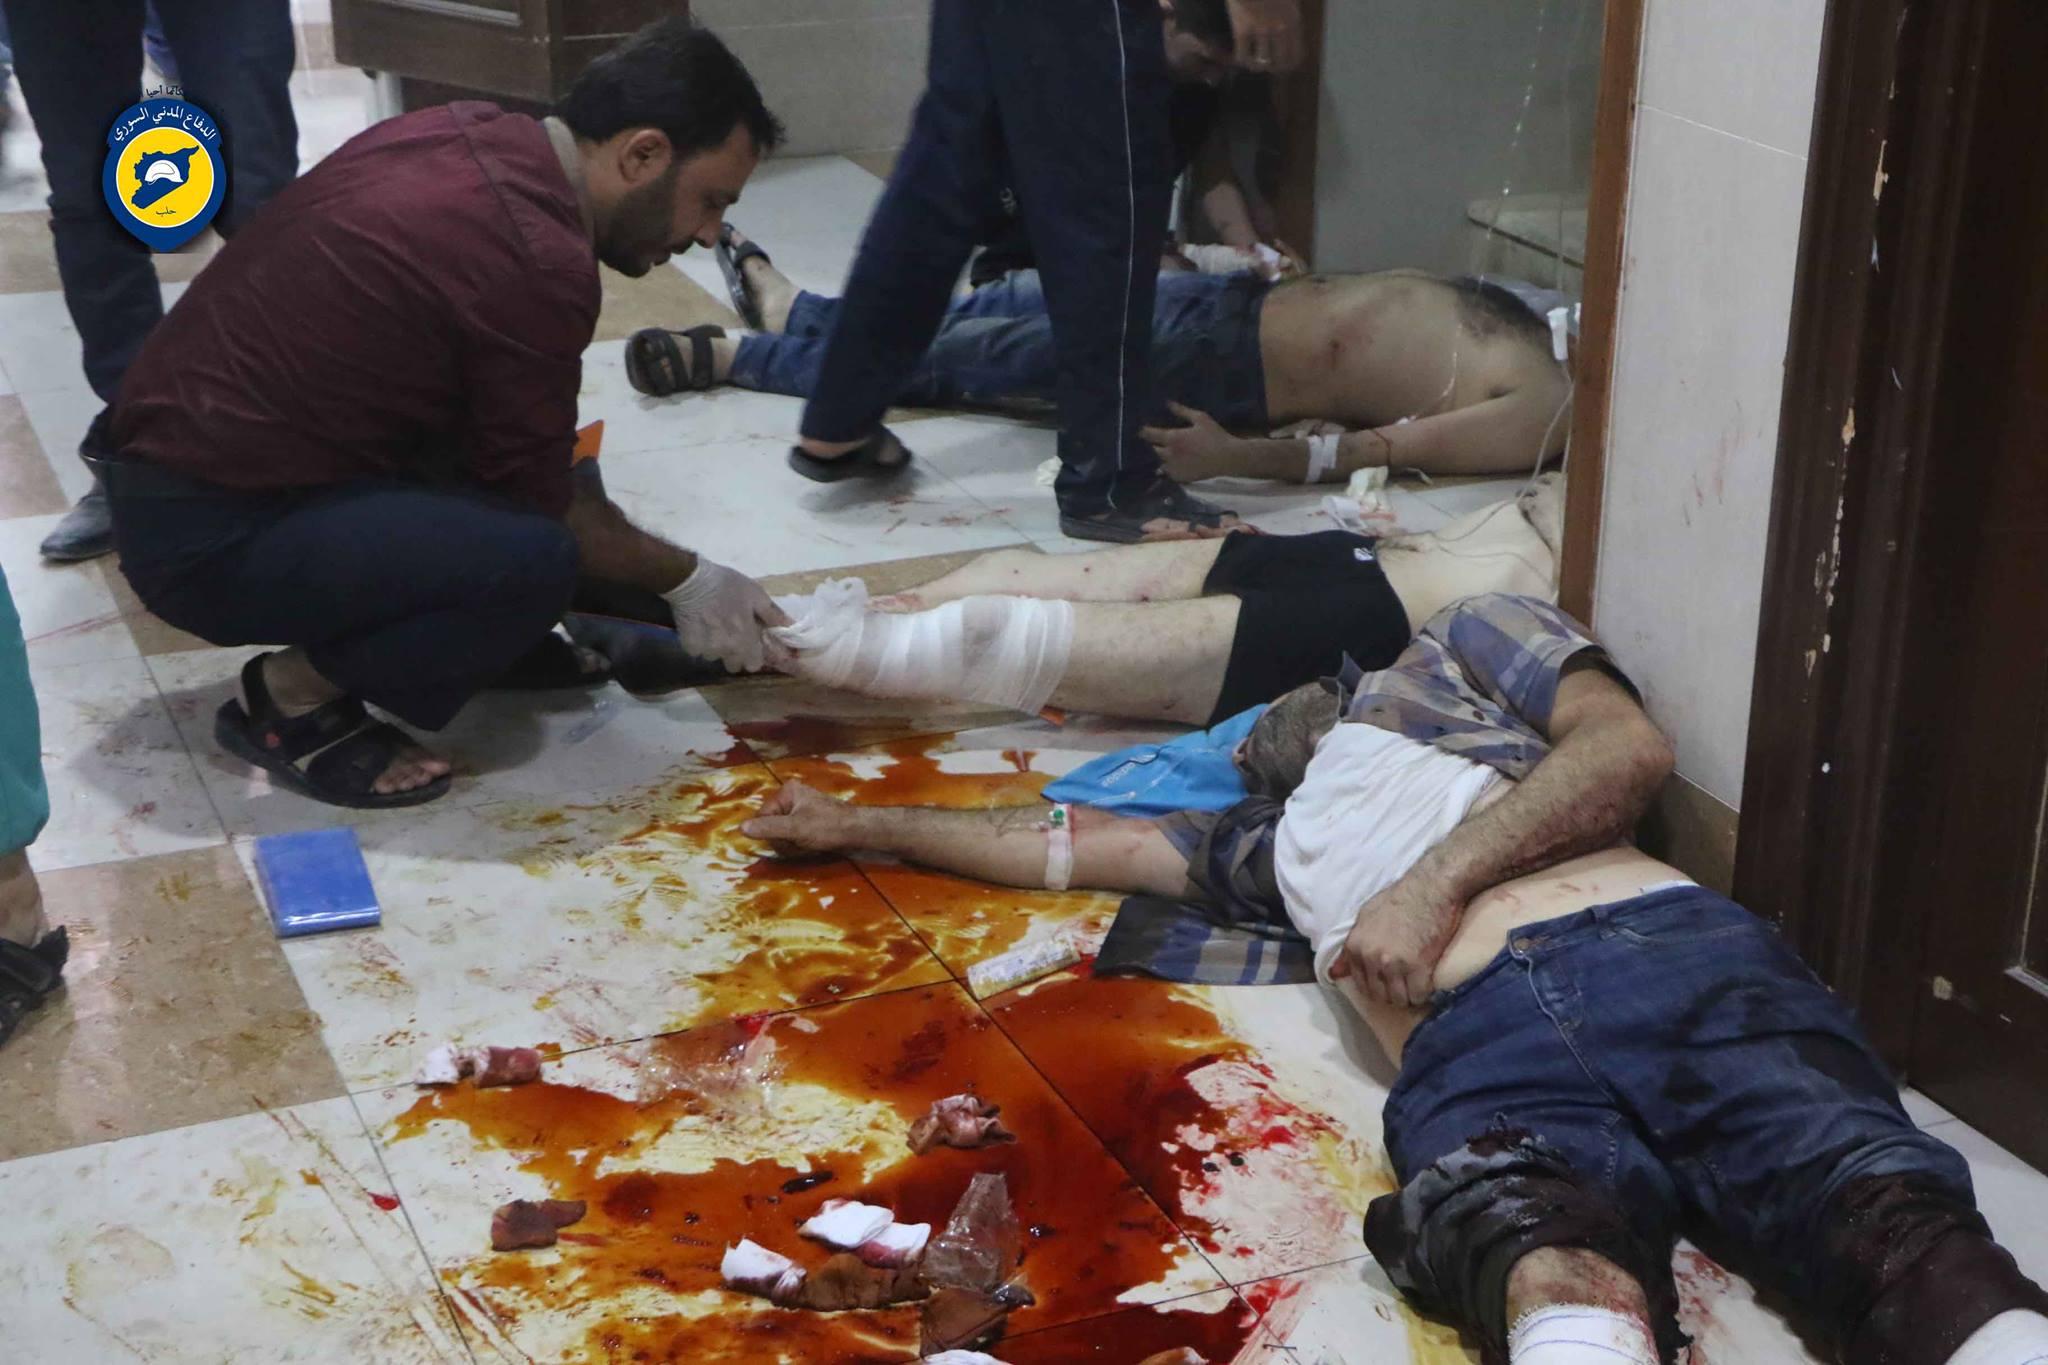 أدّى القصف بالقنابل العنقودية على حي صلاح الدين إلى مقتل 3 أشخاص